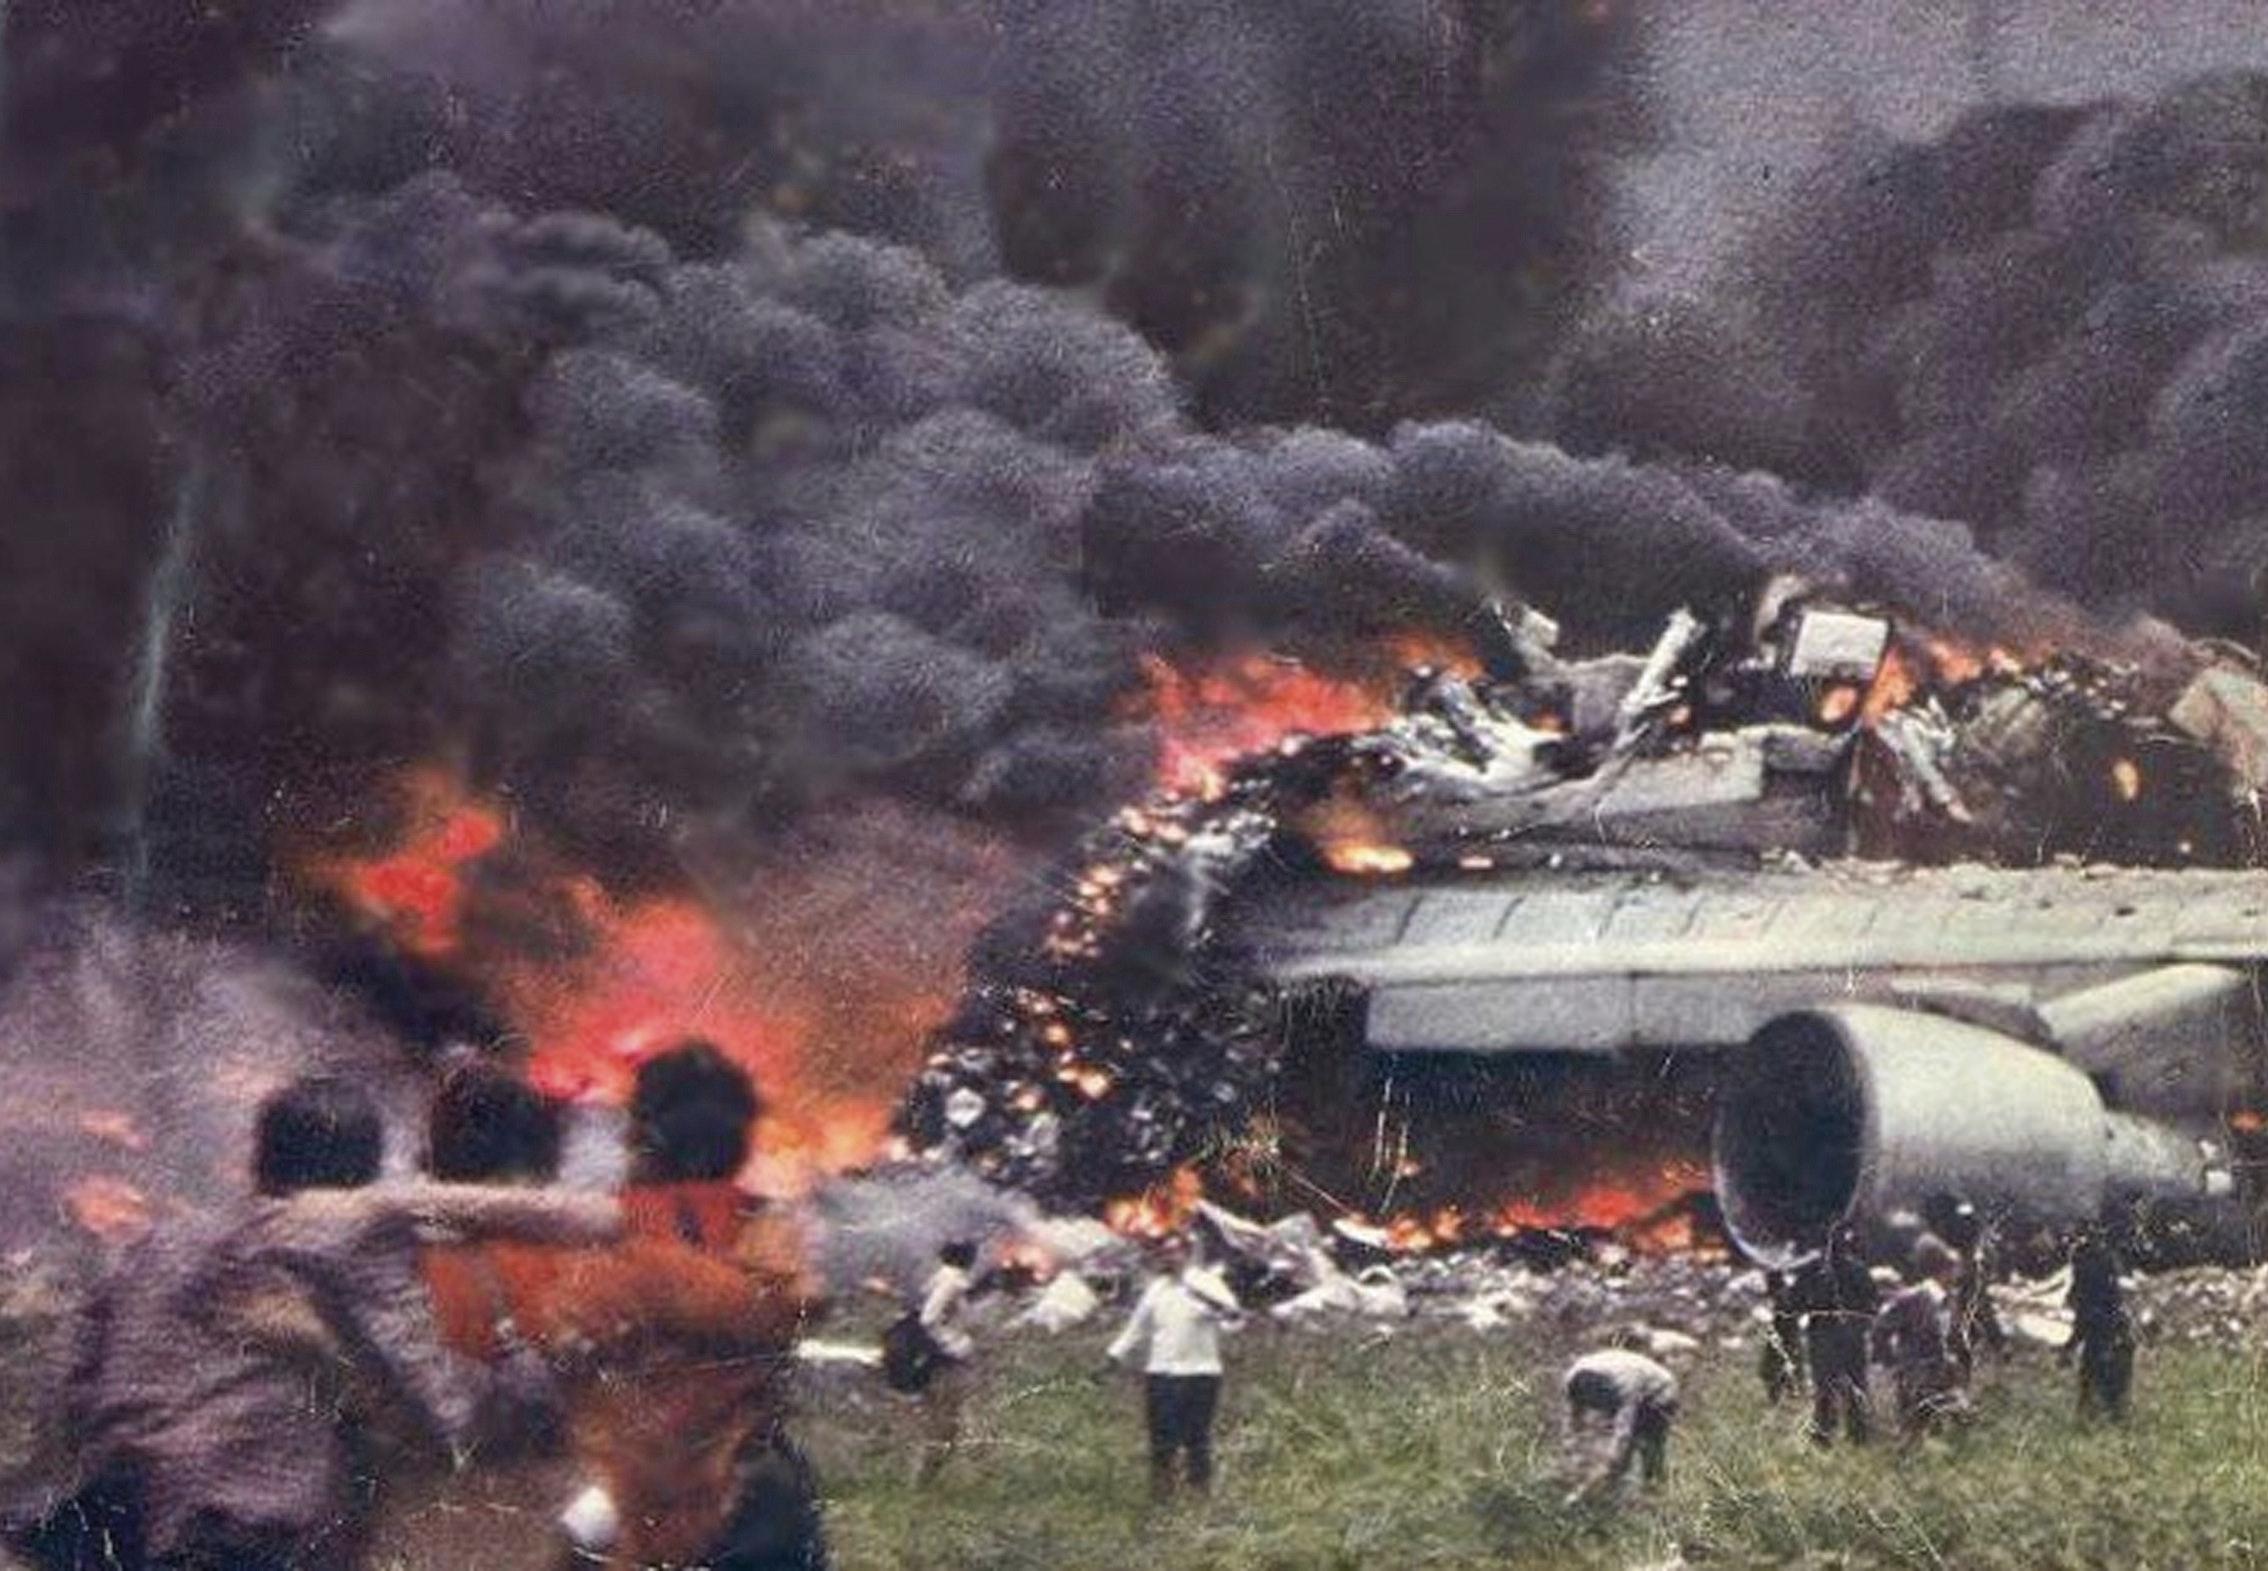 Historiker branden en katastrof